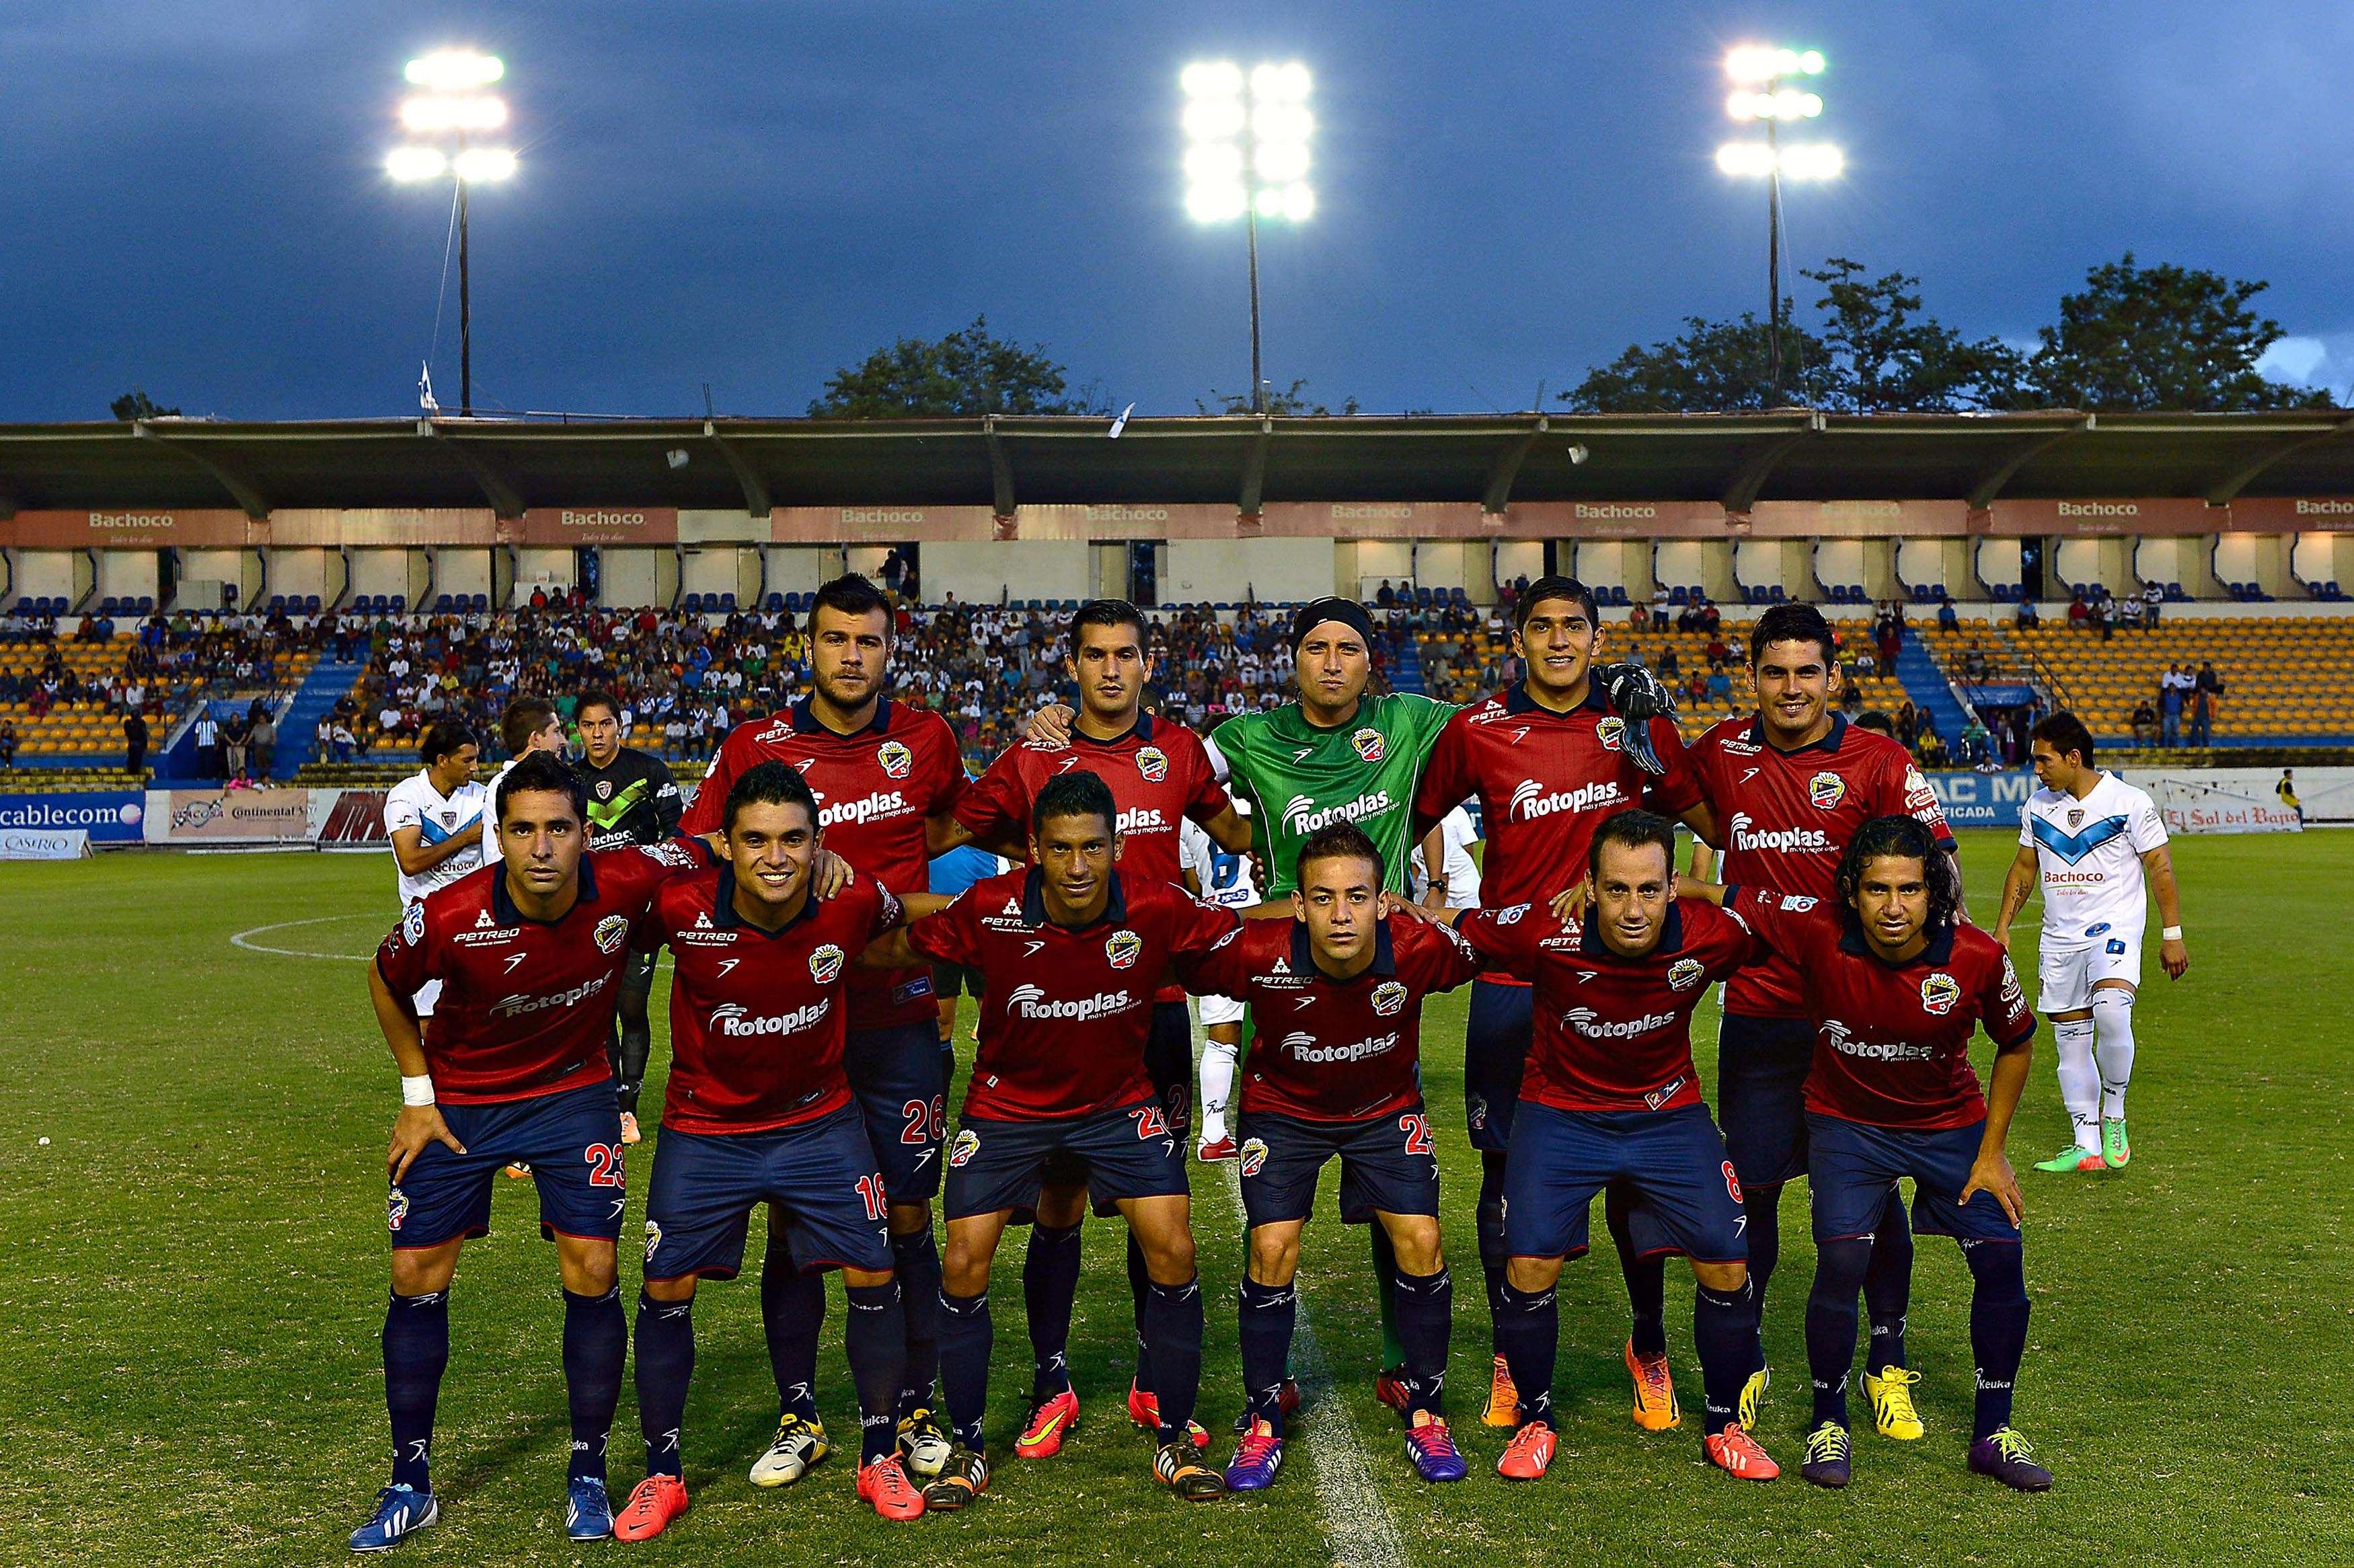 El cuadro de Irapuato busca ganar en casa ante Correcaminos y tener el apoyo de su afición. Foto: Mexsport